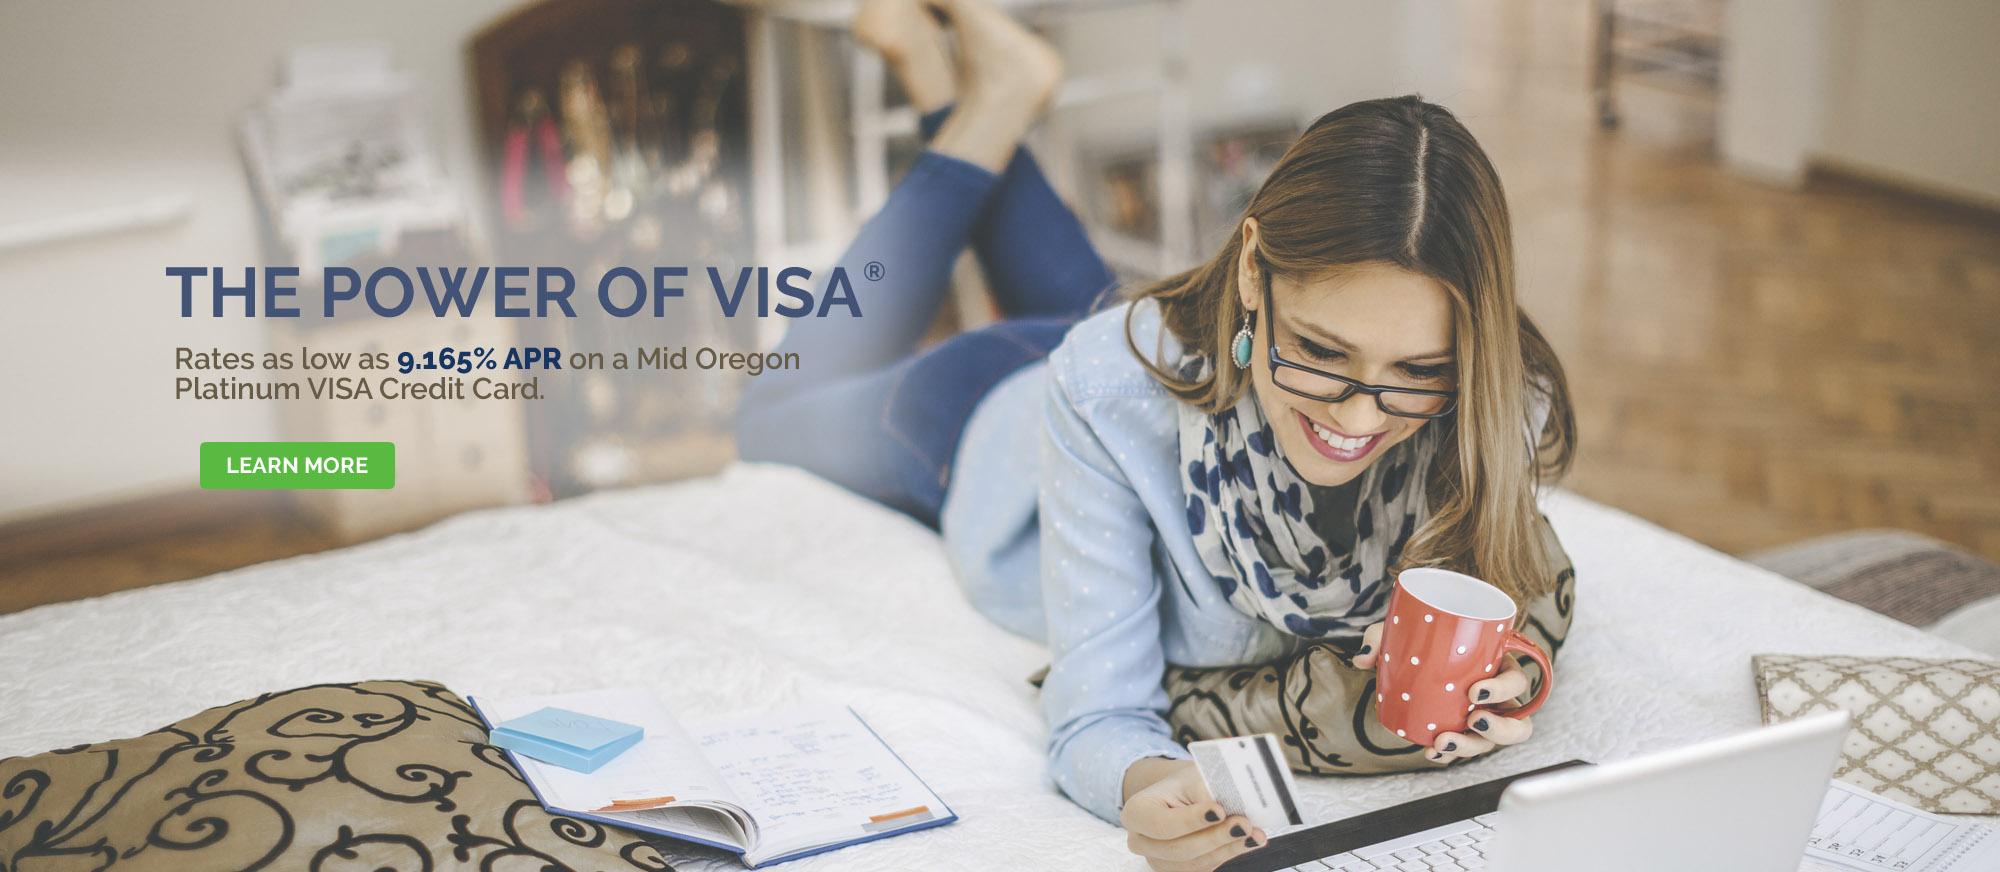 VISA Credit Card Promotion